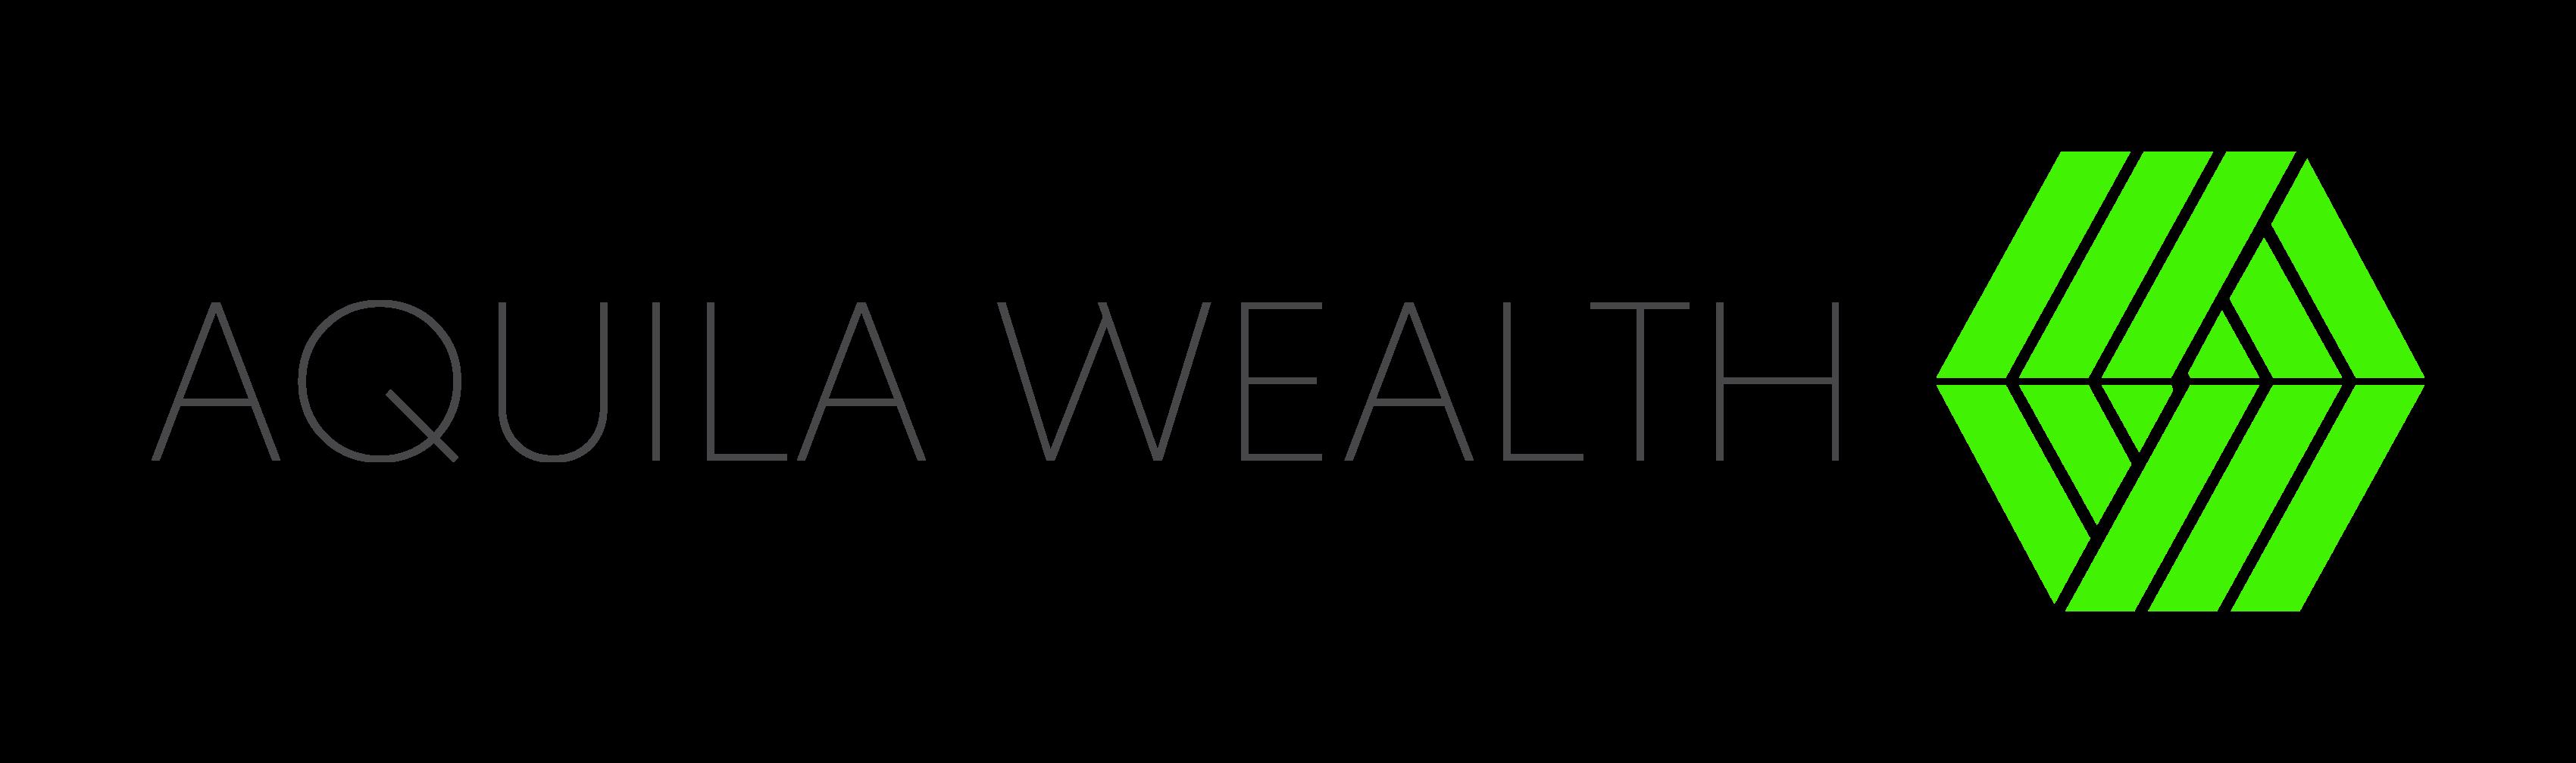 Aquila Wealth Advisors